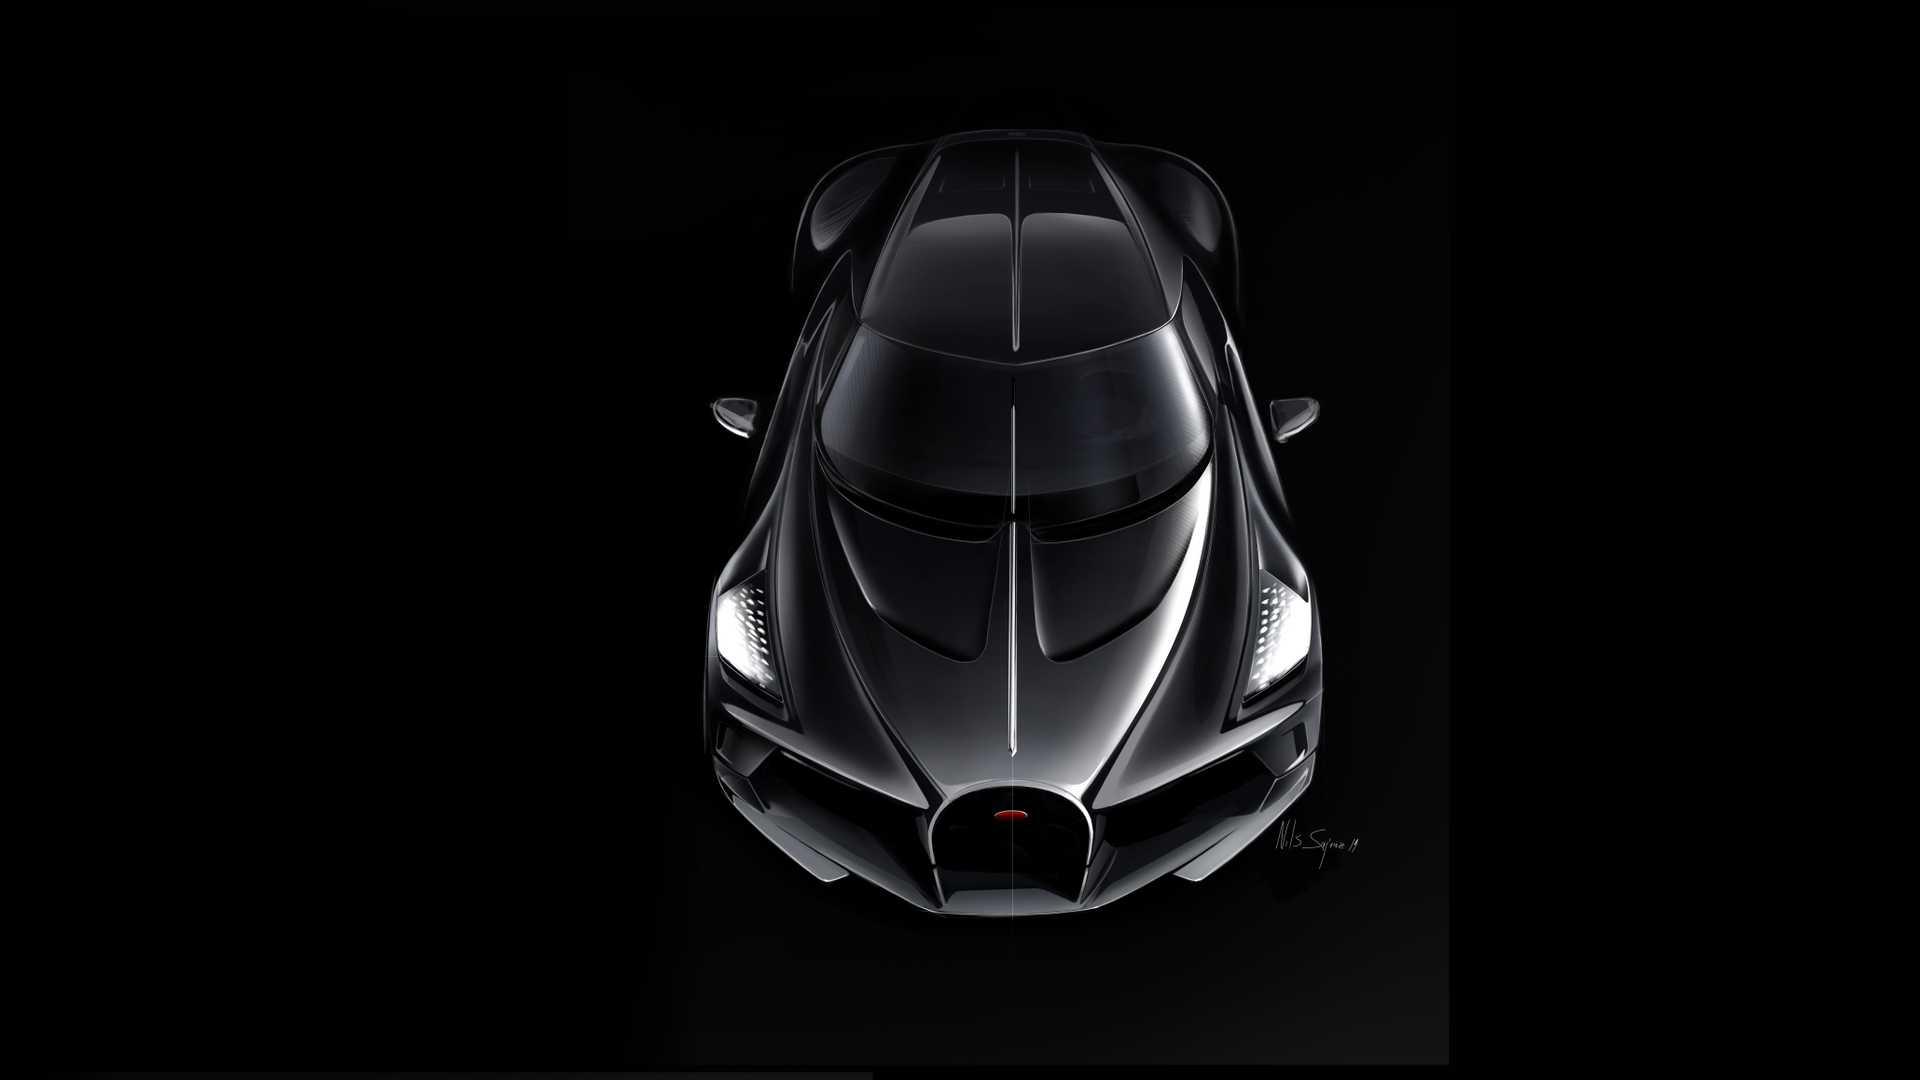 bugatti-la-voiture-noire (4)